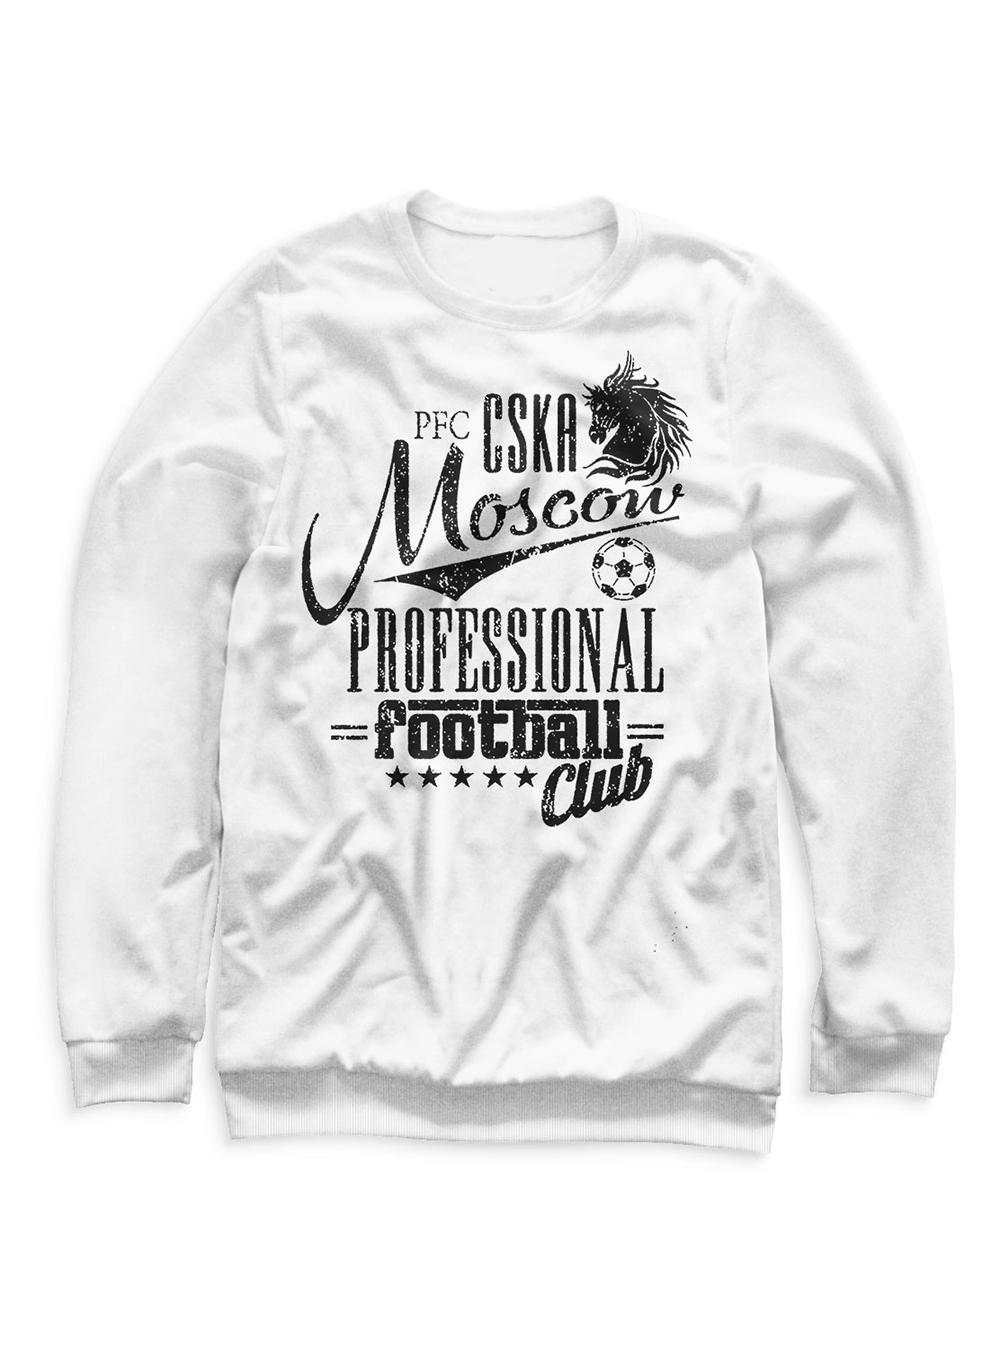 Купить Свитшот женский «PFC CSKA Moscow», цвет белый (XL) по Нижнему Новгороду